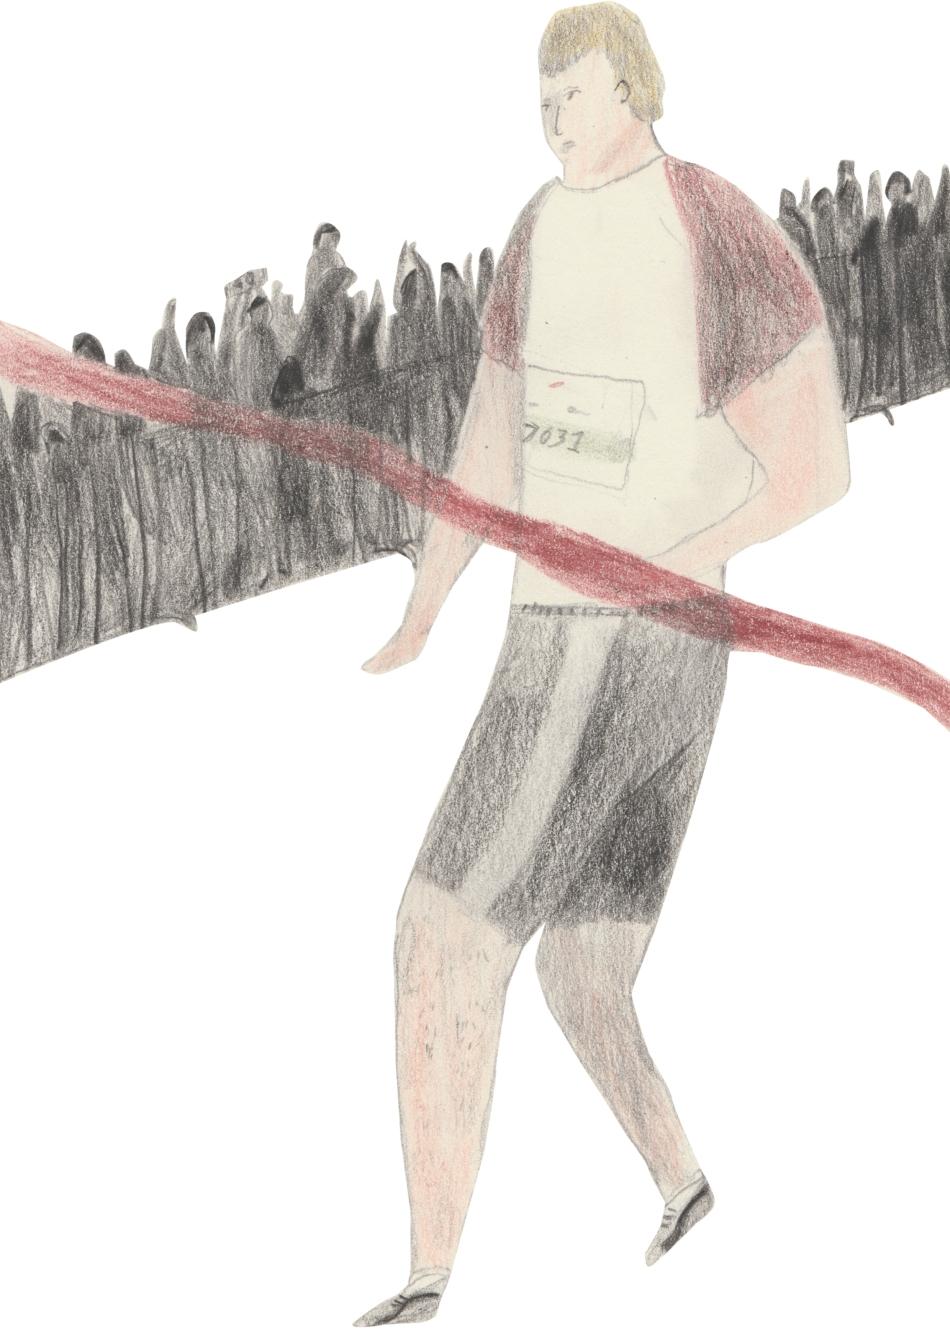 runnernobg